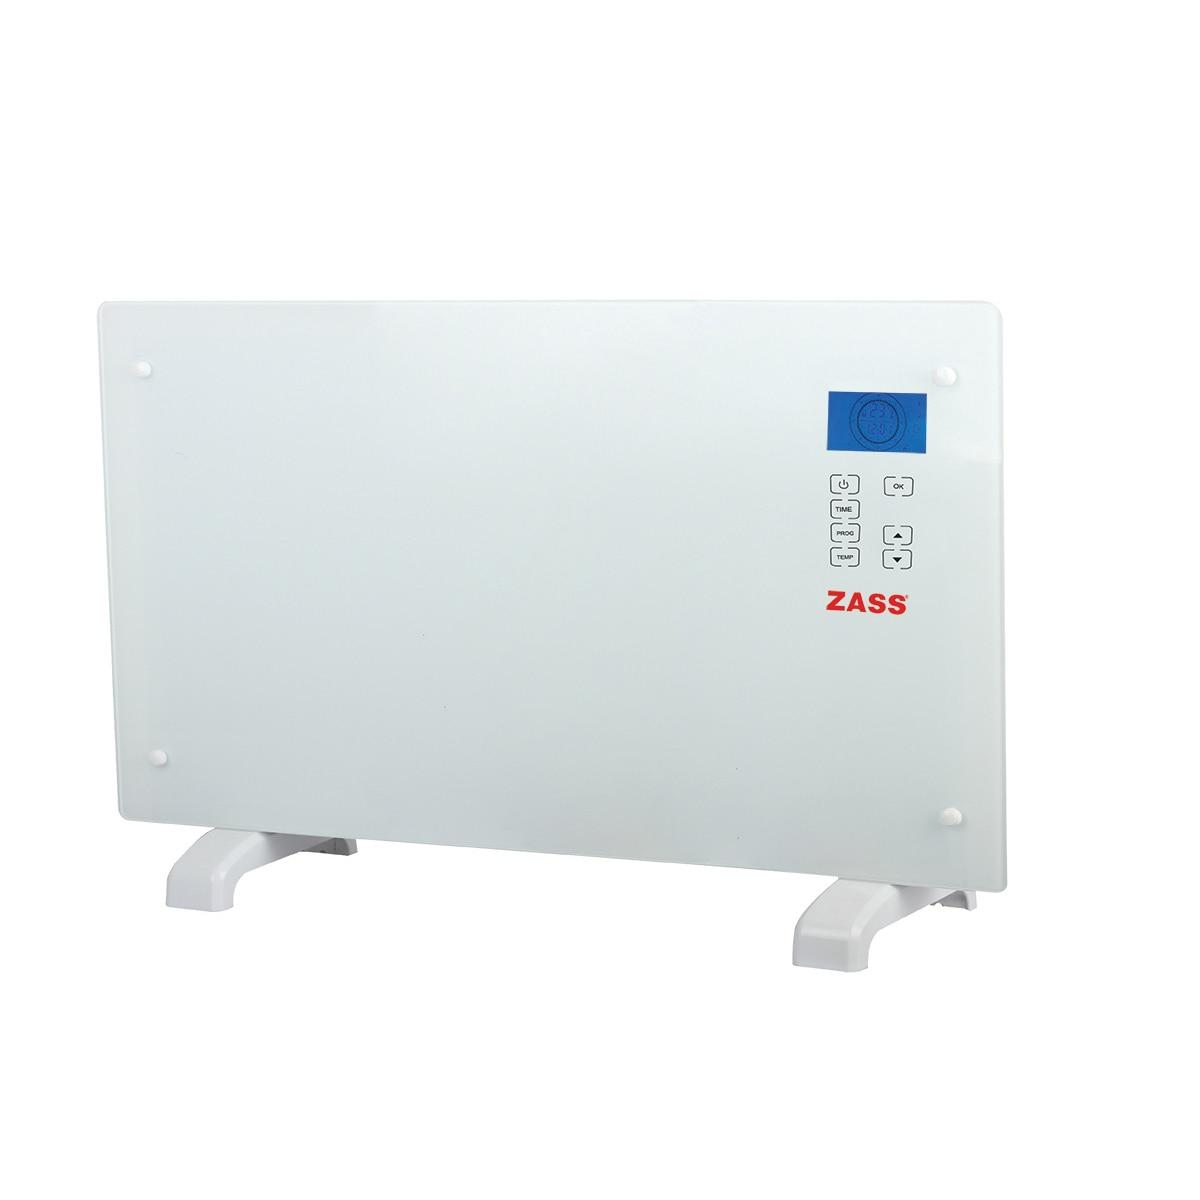 Fotografie Convector electric de podea Zass ZKG 01, 2000 W, Suprafata de sticla, Touch screen, Afisaj LCD, 3 functii, Montare pe perete, Alb